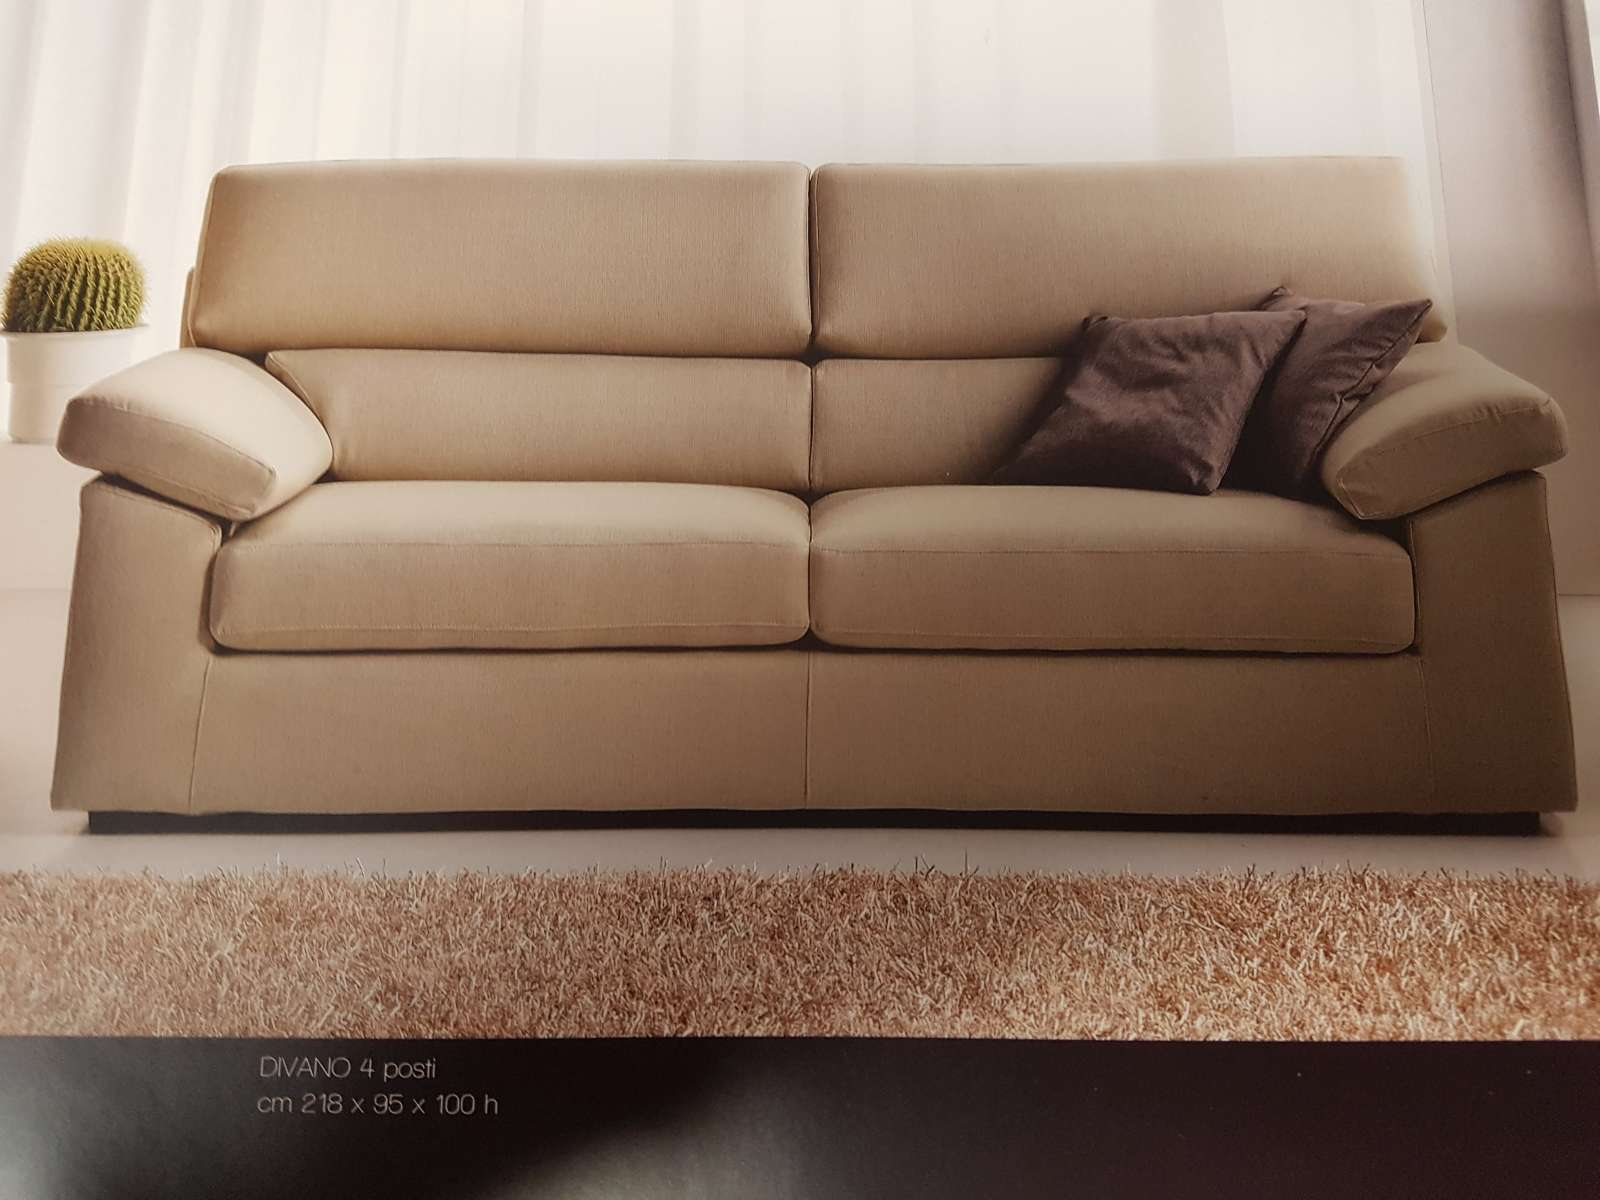 EUROTENDA vende divani e poltrone